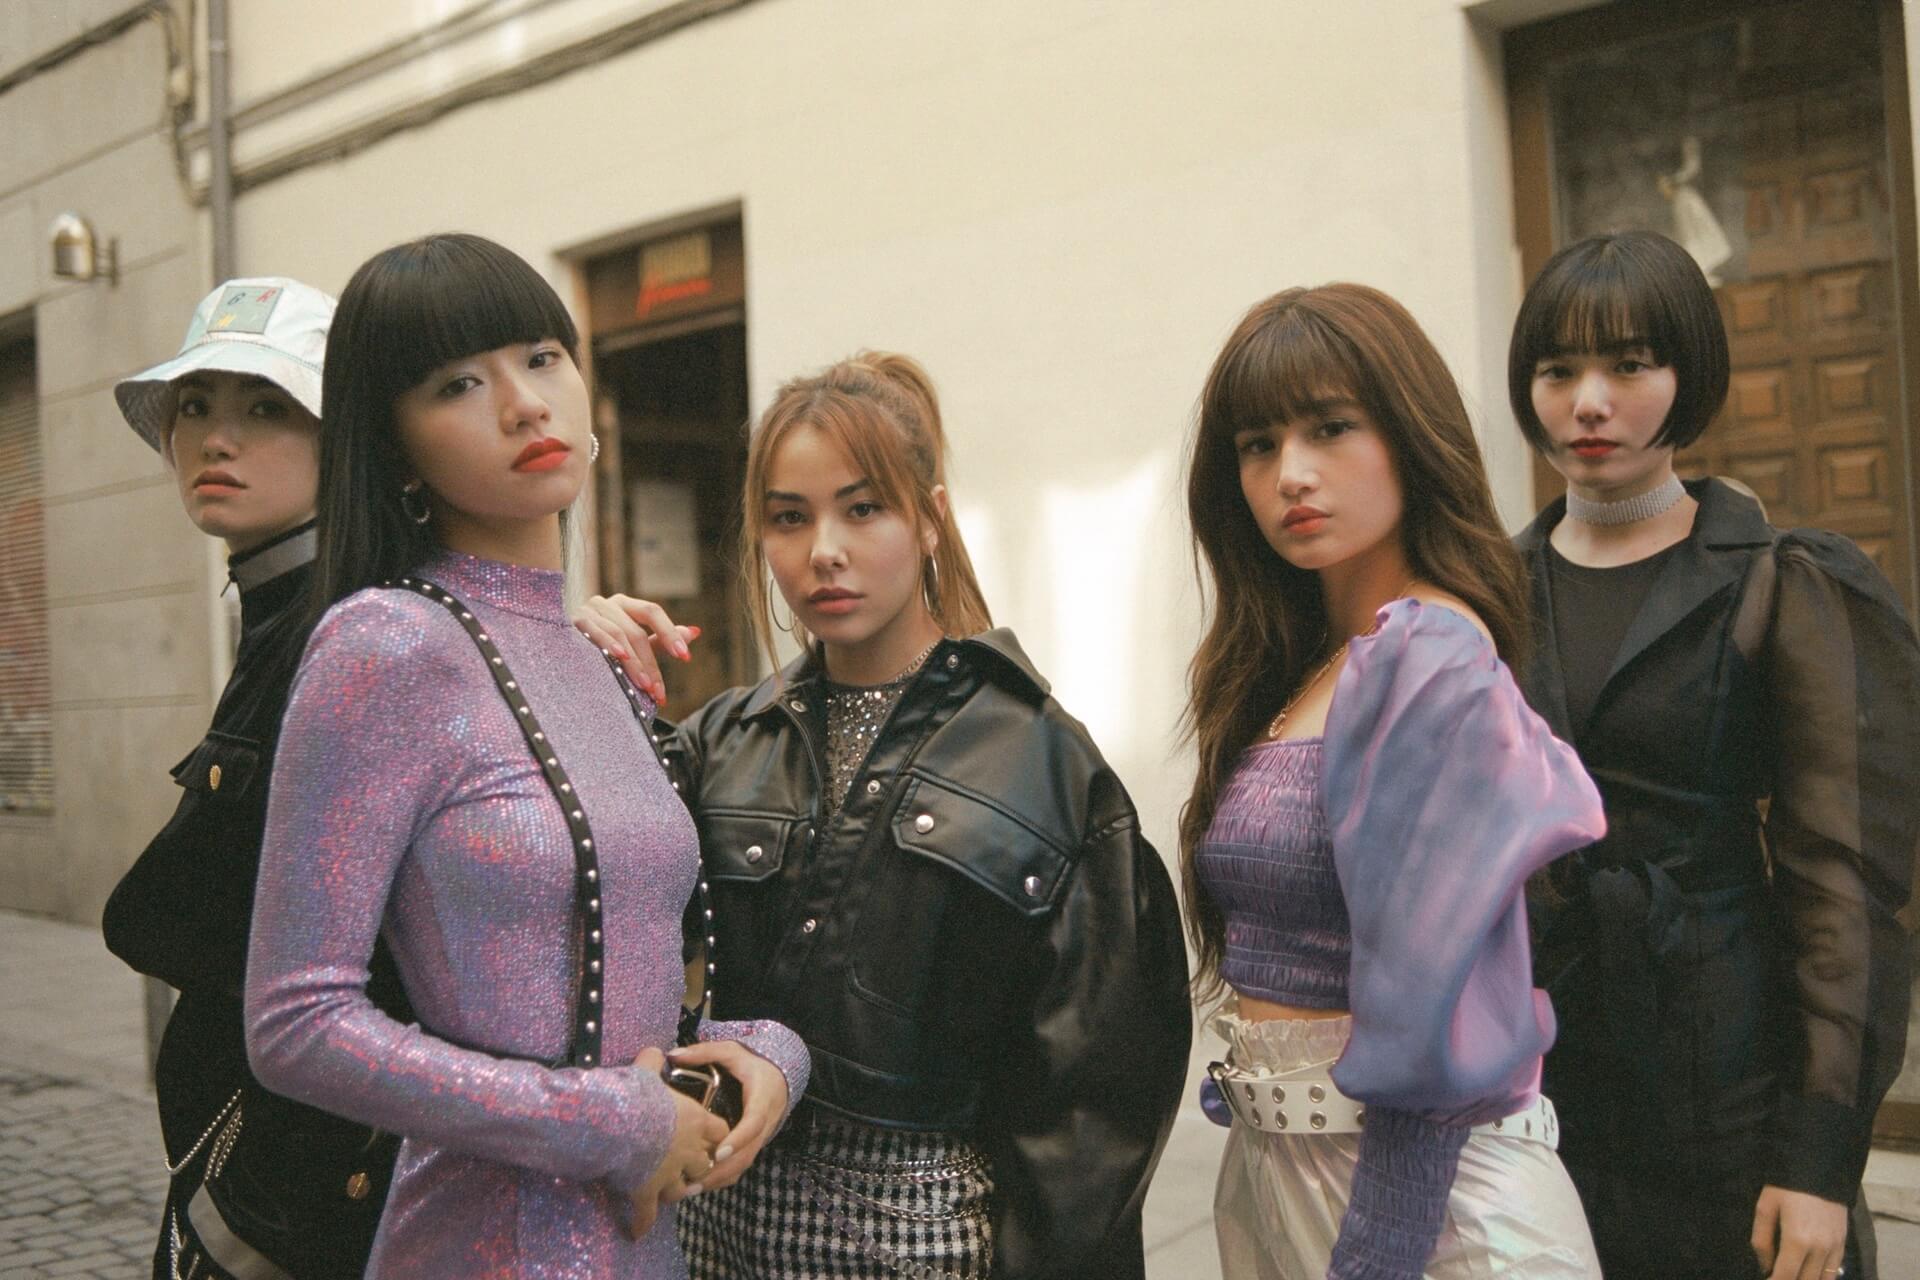 """『スッキリ』への出演も話題となったFAKYの新曲""""half-moon""""ミュージックビデオが解禁! music200323_faky_mv_2"""